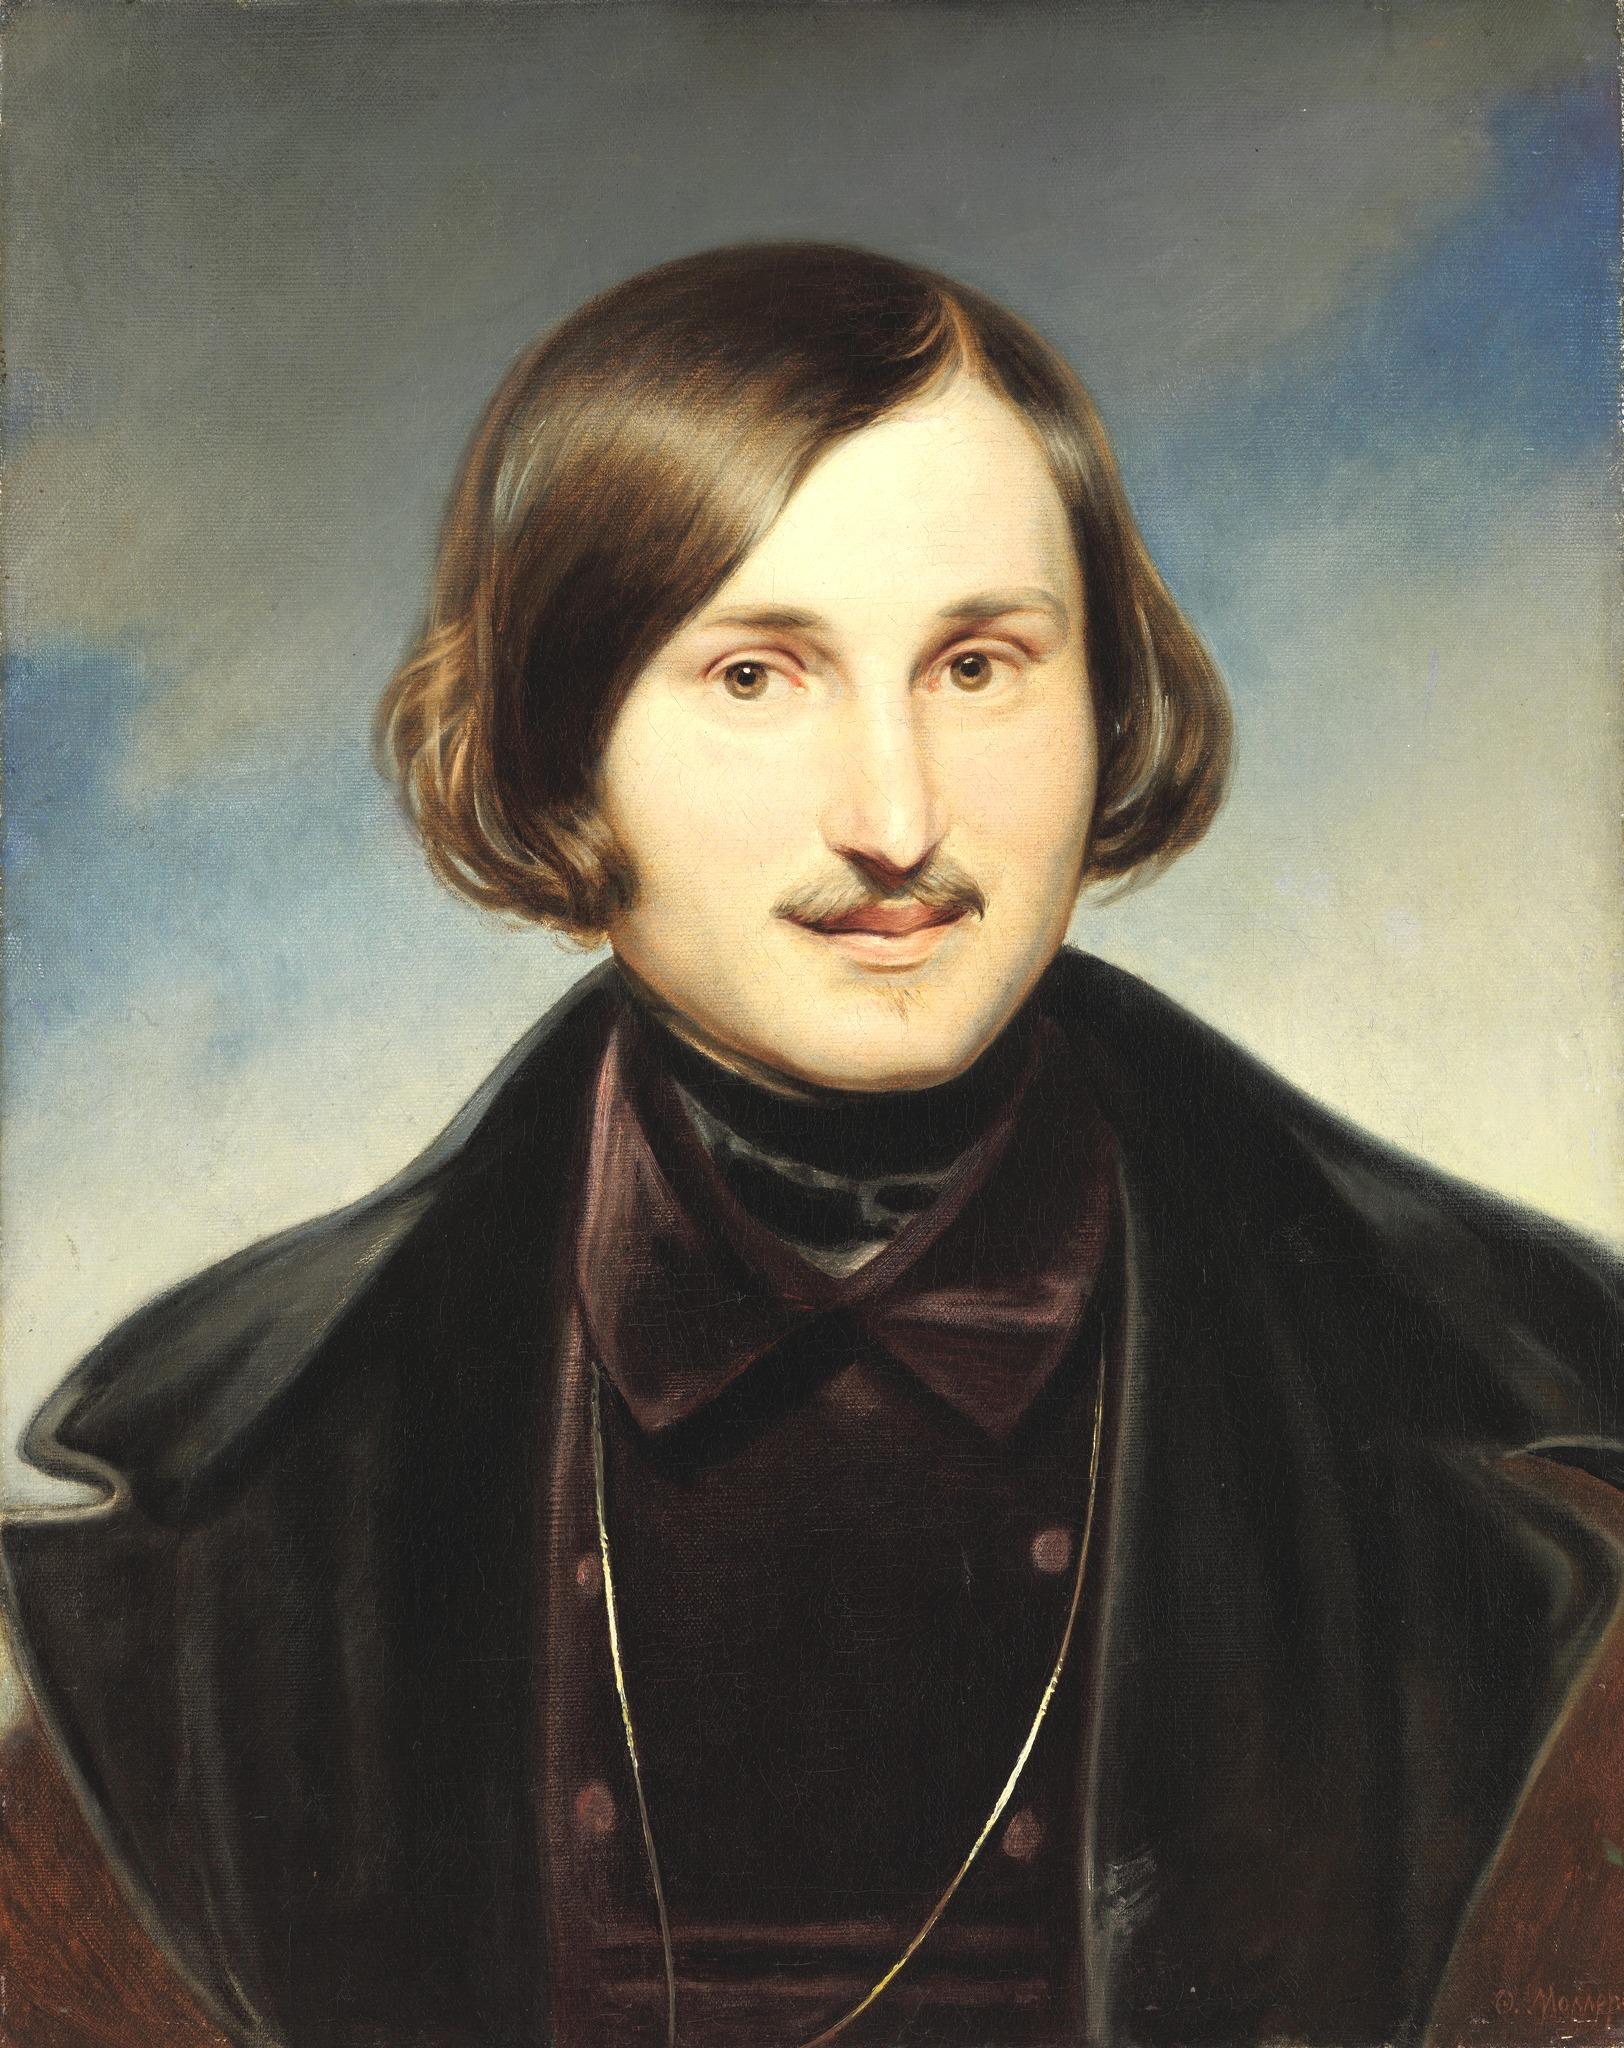 N.Gogol by F.Moller (1840, Tretyakov gallery)